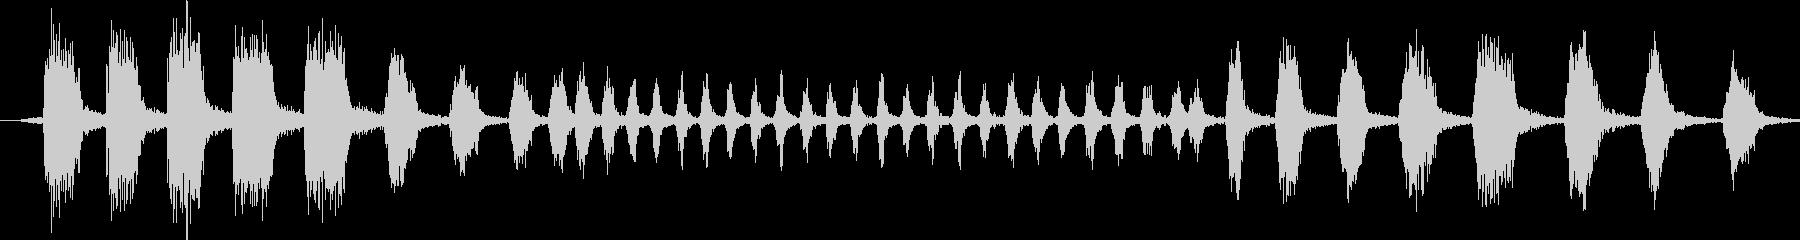 クッカバラ:ボーカルコール、バードの未再生の波形